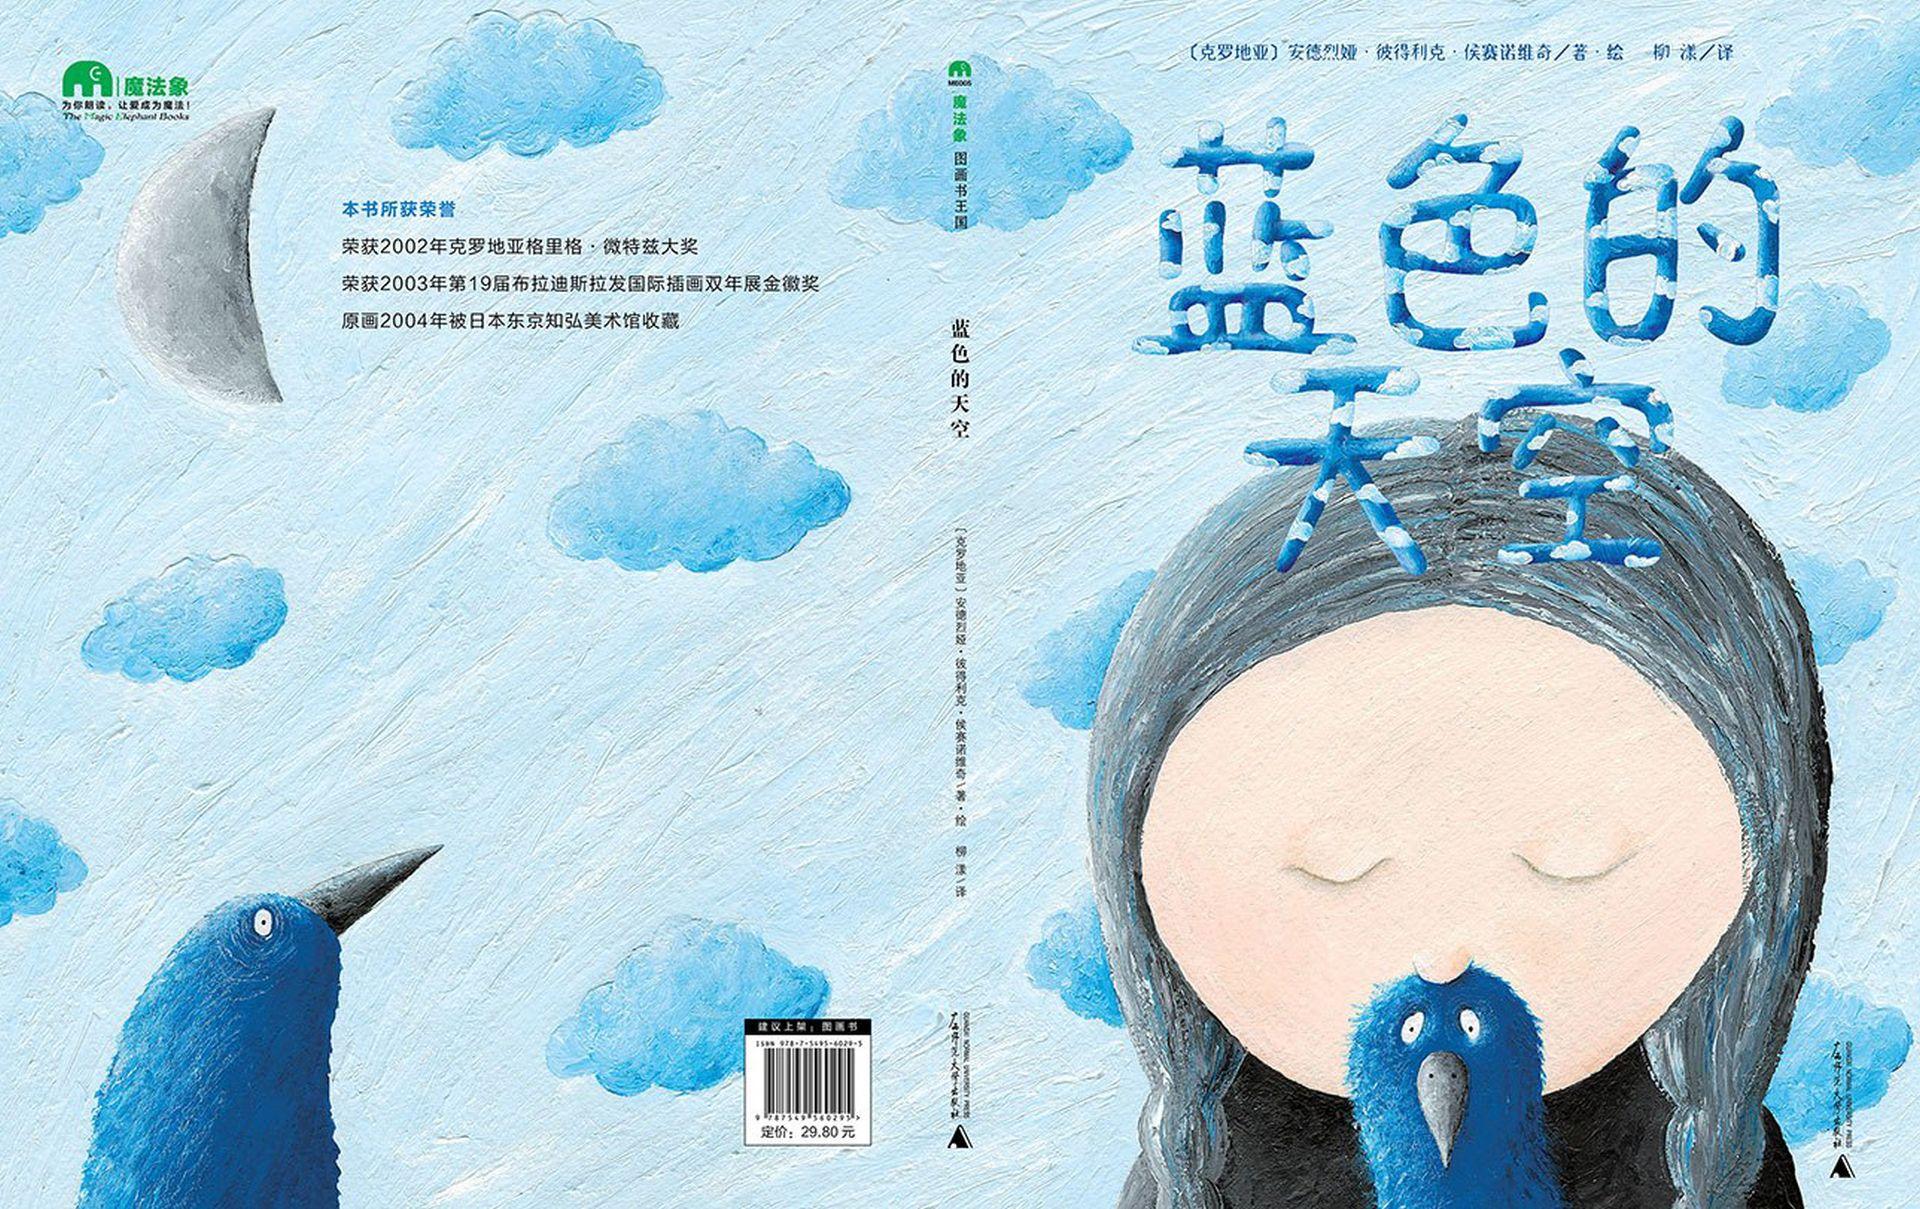 Andrea Petrlik i Kašmir Huseinović promoviraju hrvatsku dječju književnost u Kini